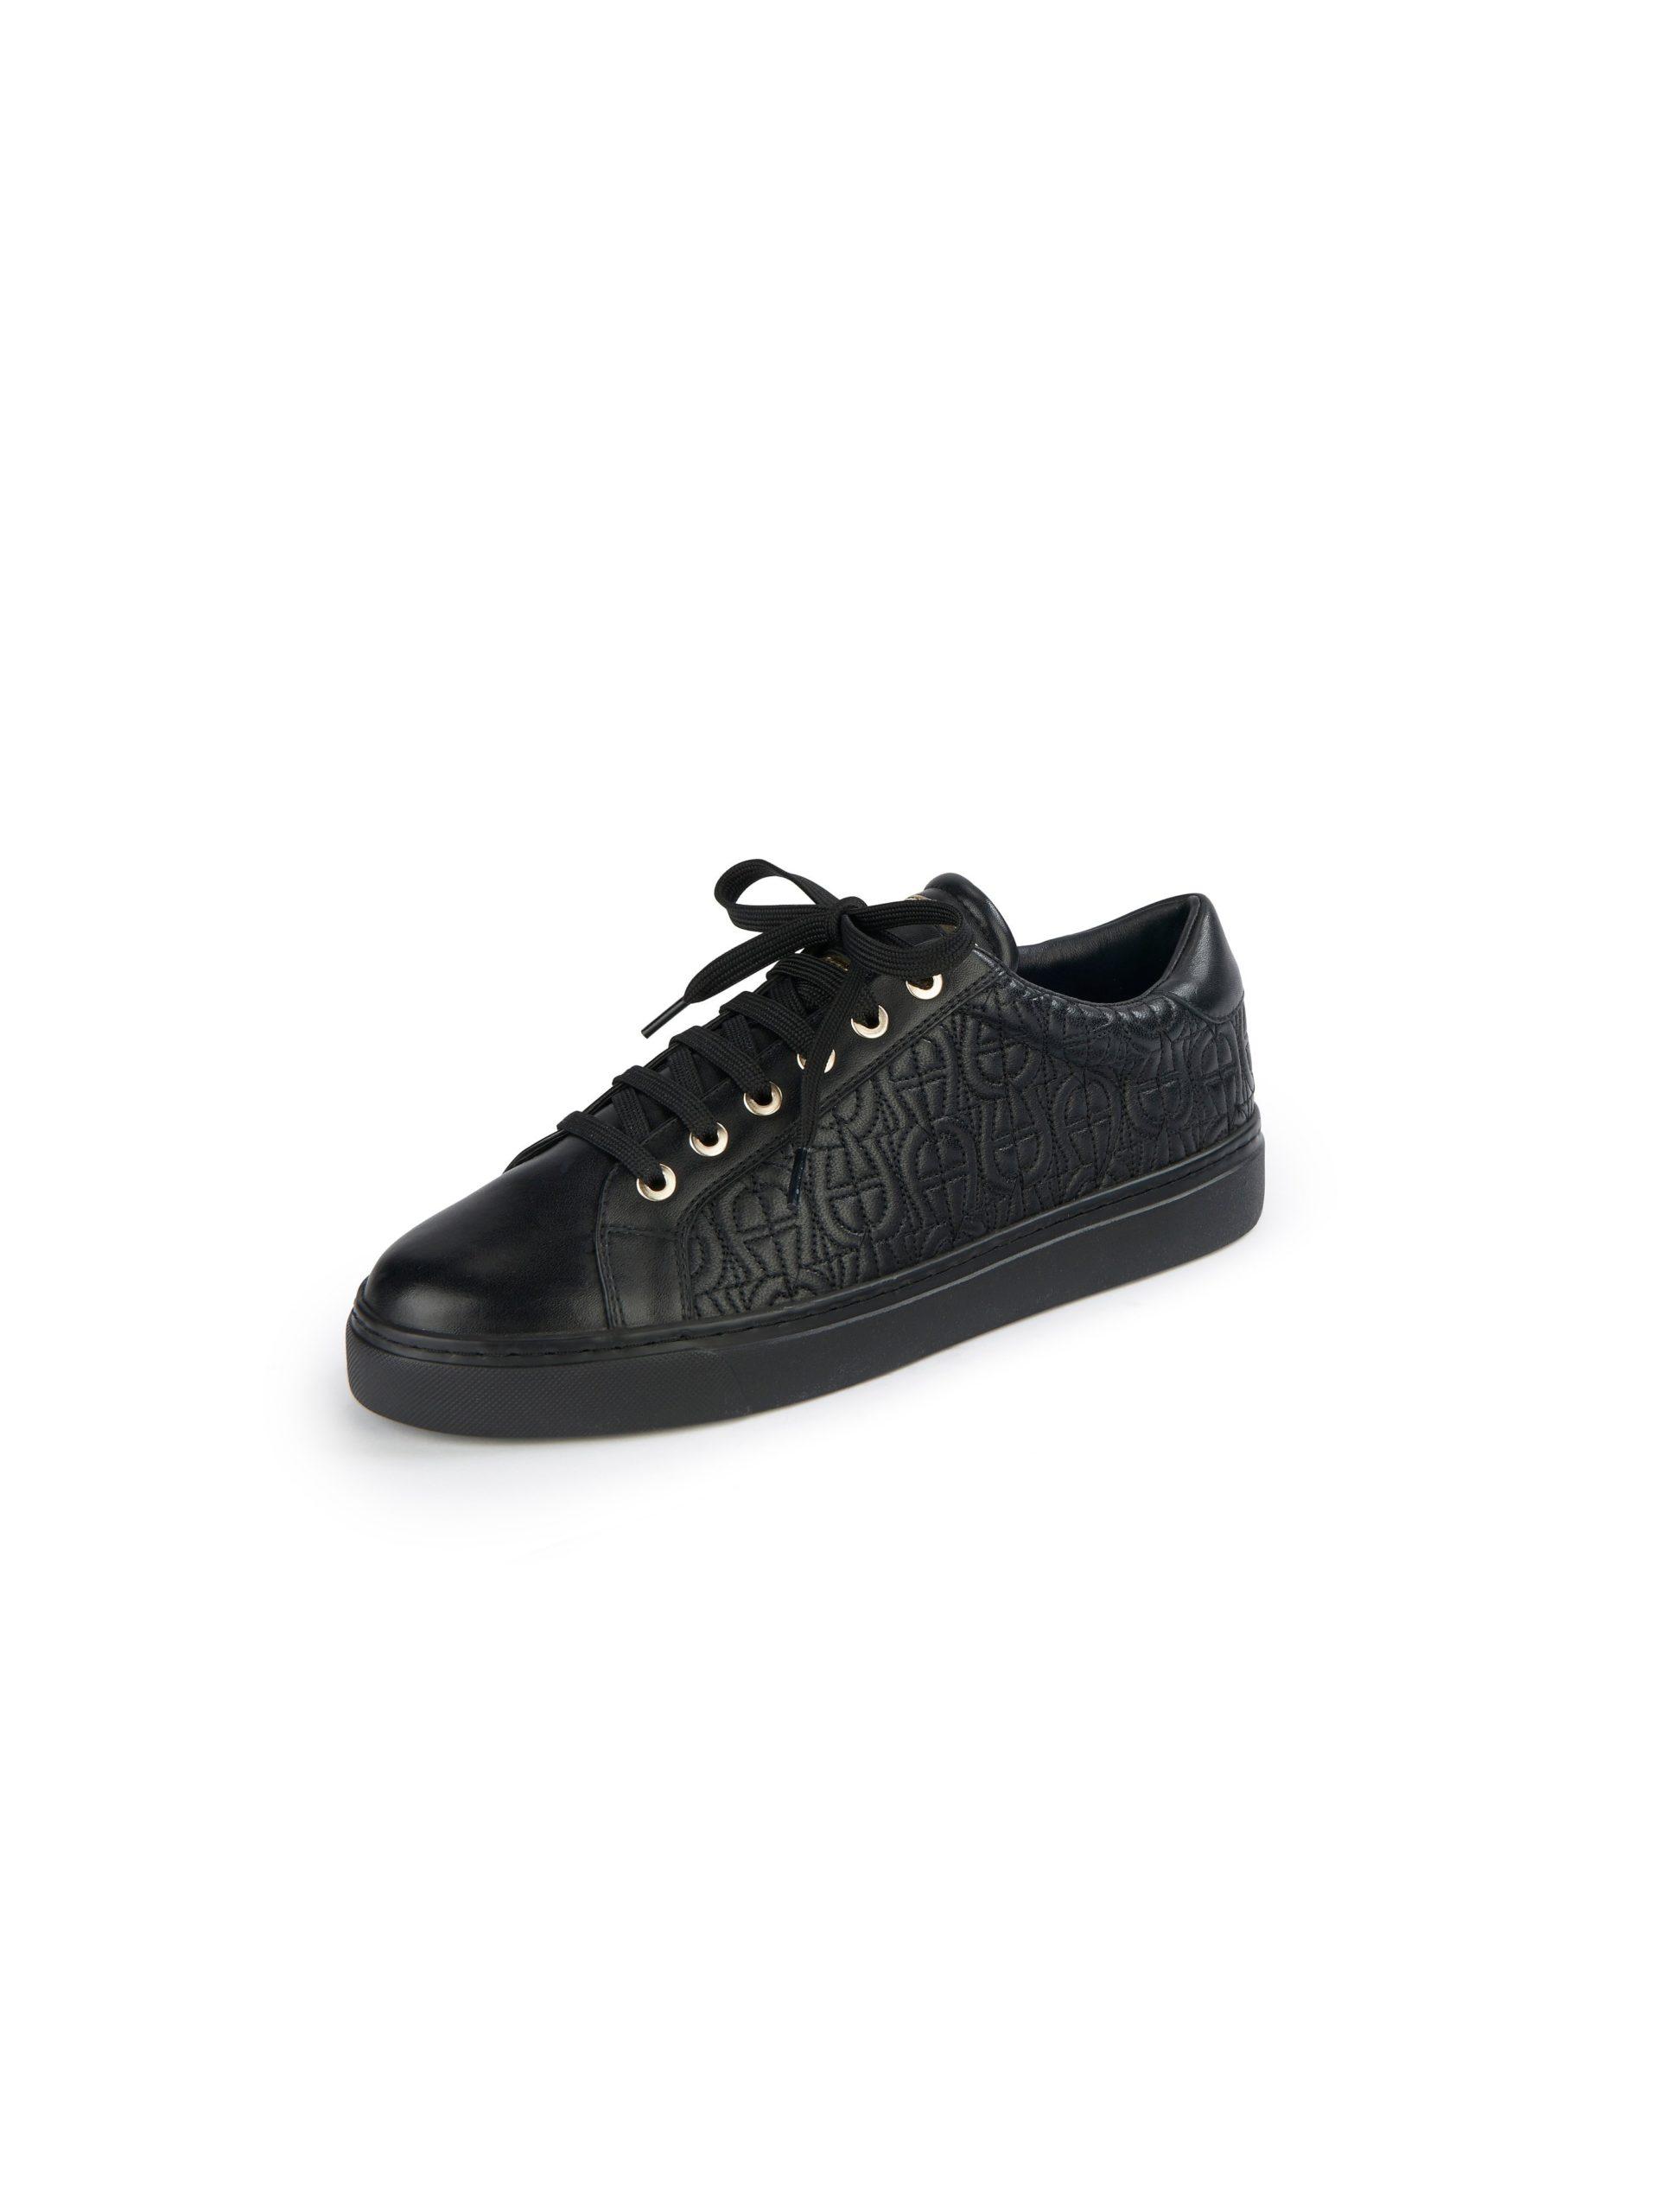 Sneakers Van Aigner zwart Kopen